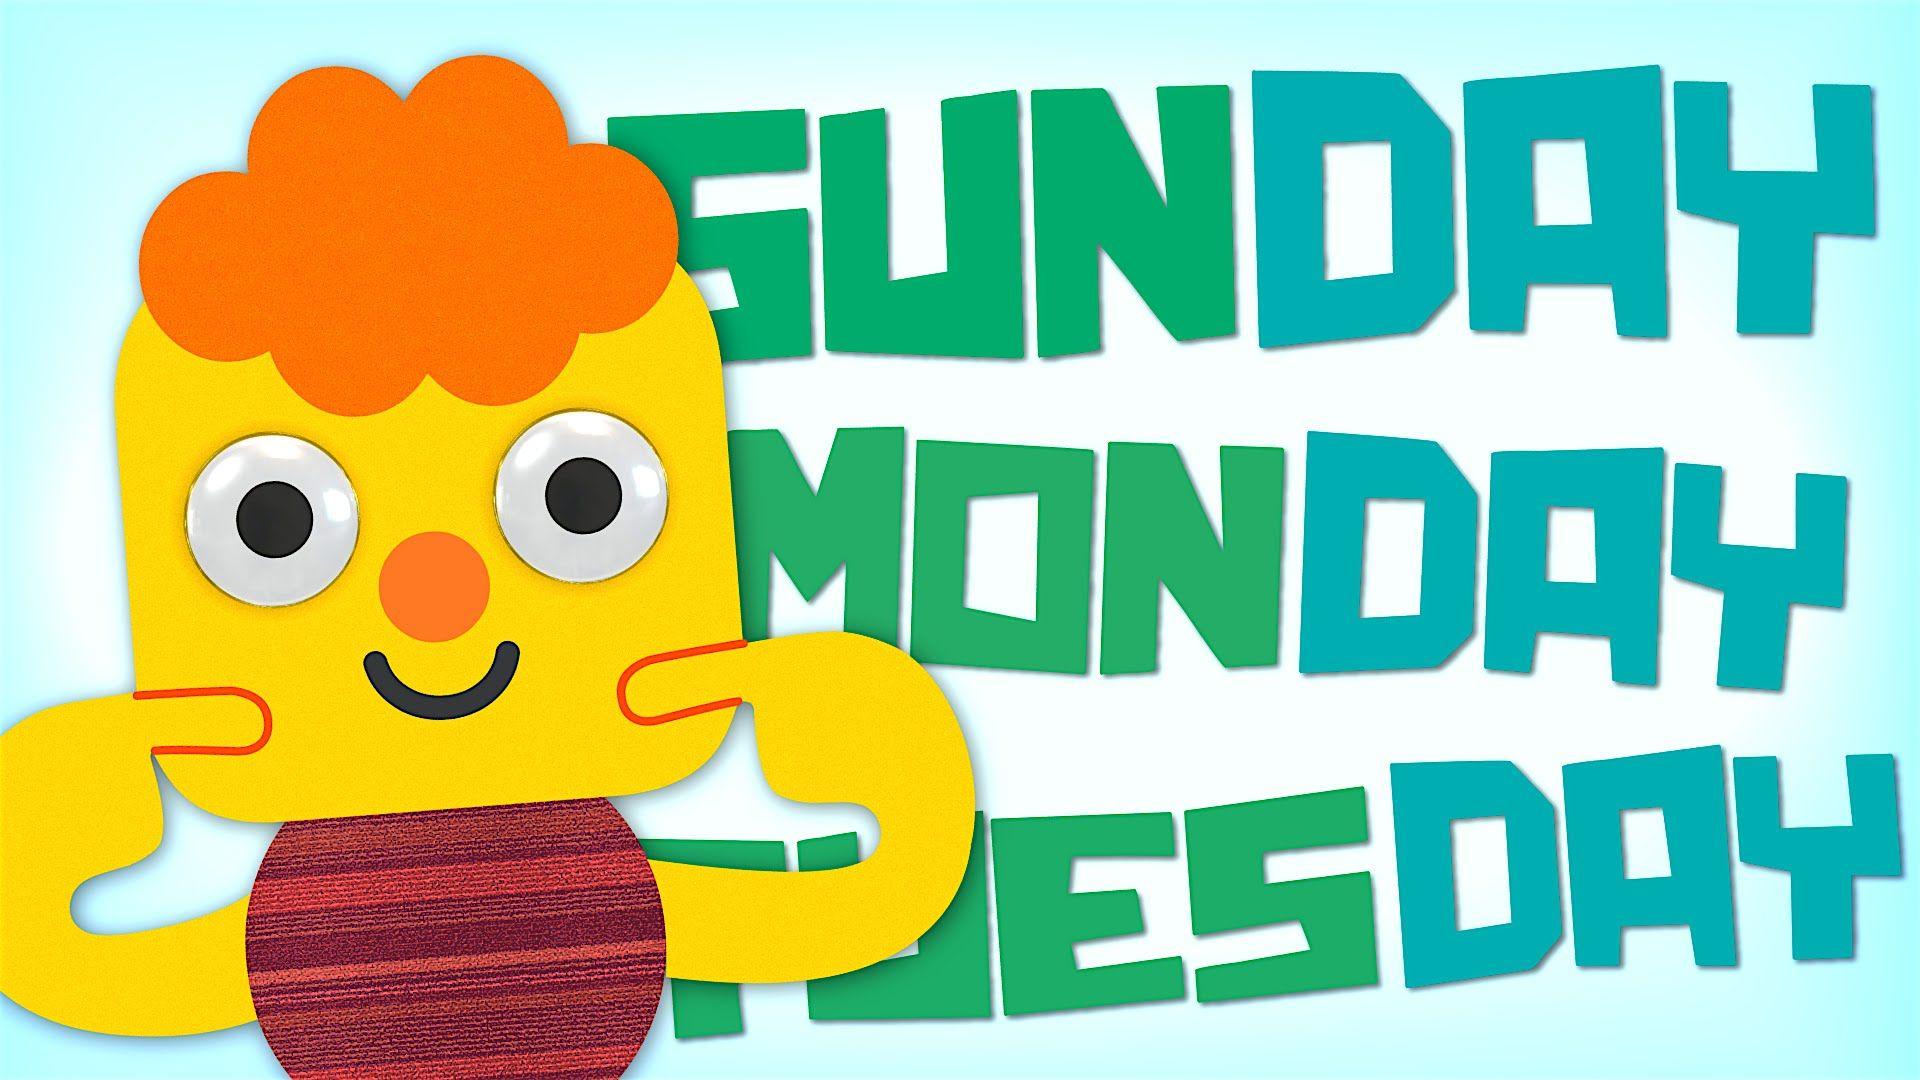 Sunday Monday Tuesday Wednesday Thursday Friday